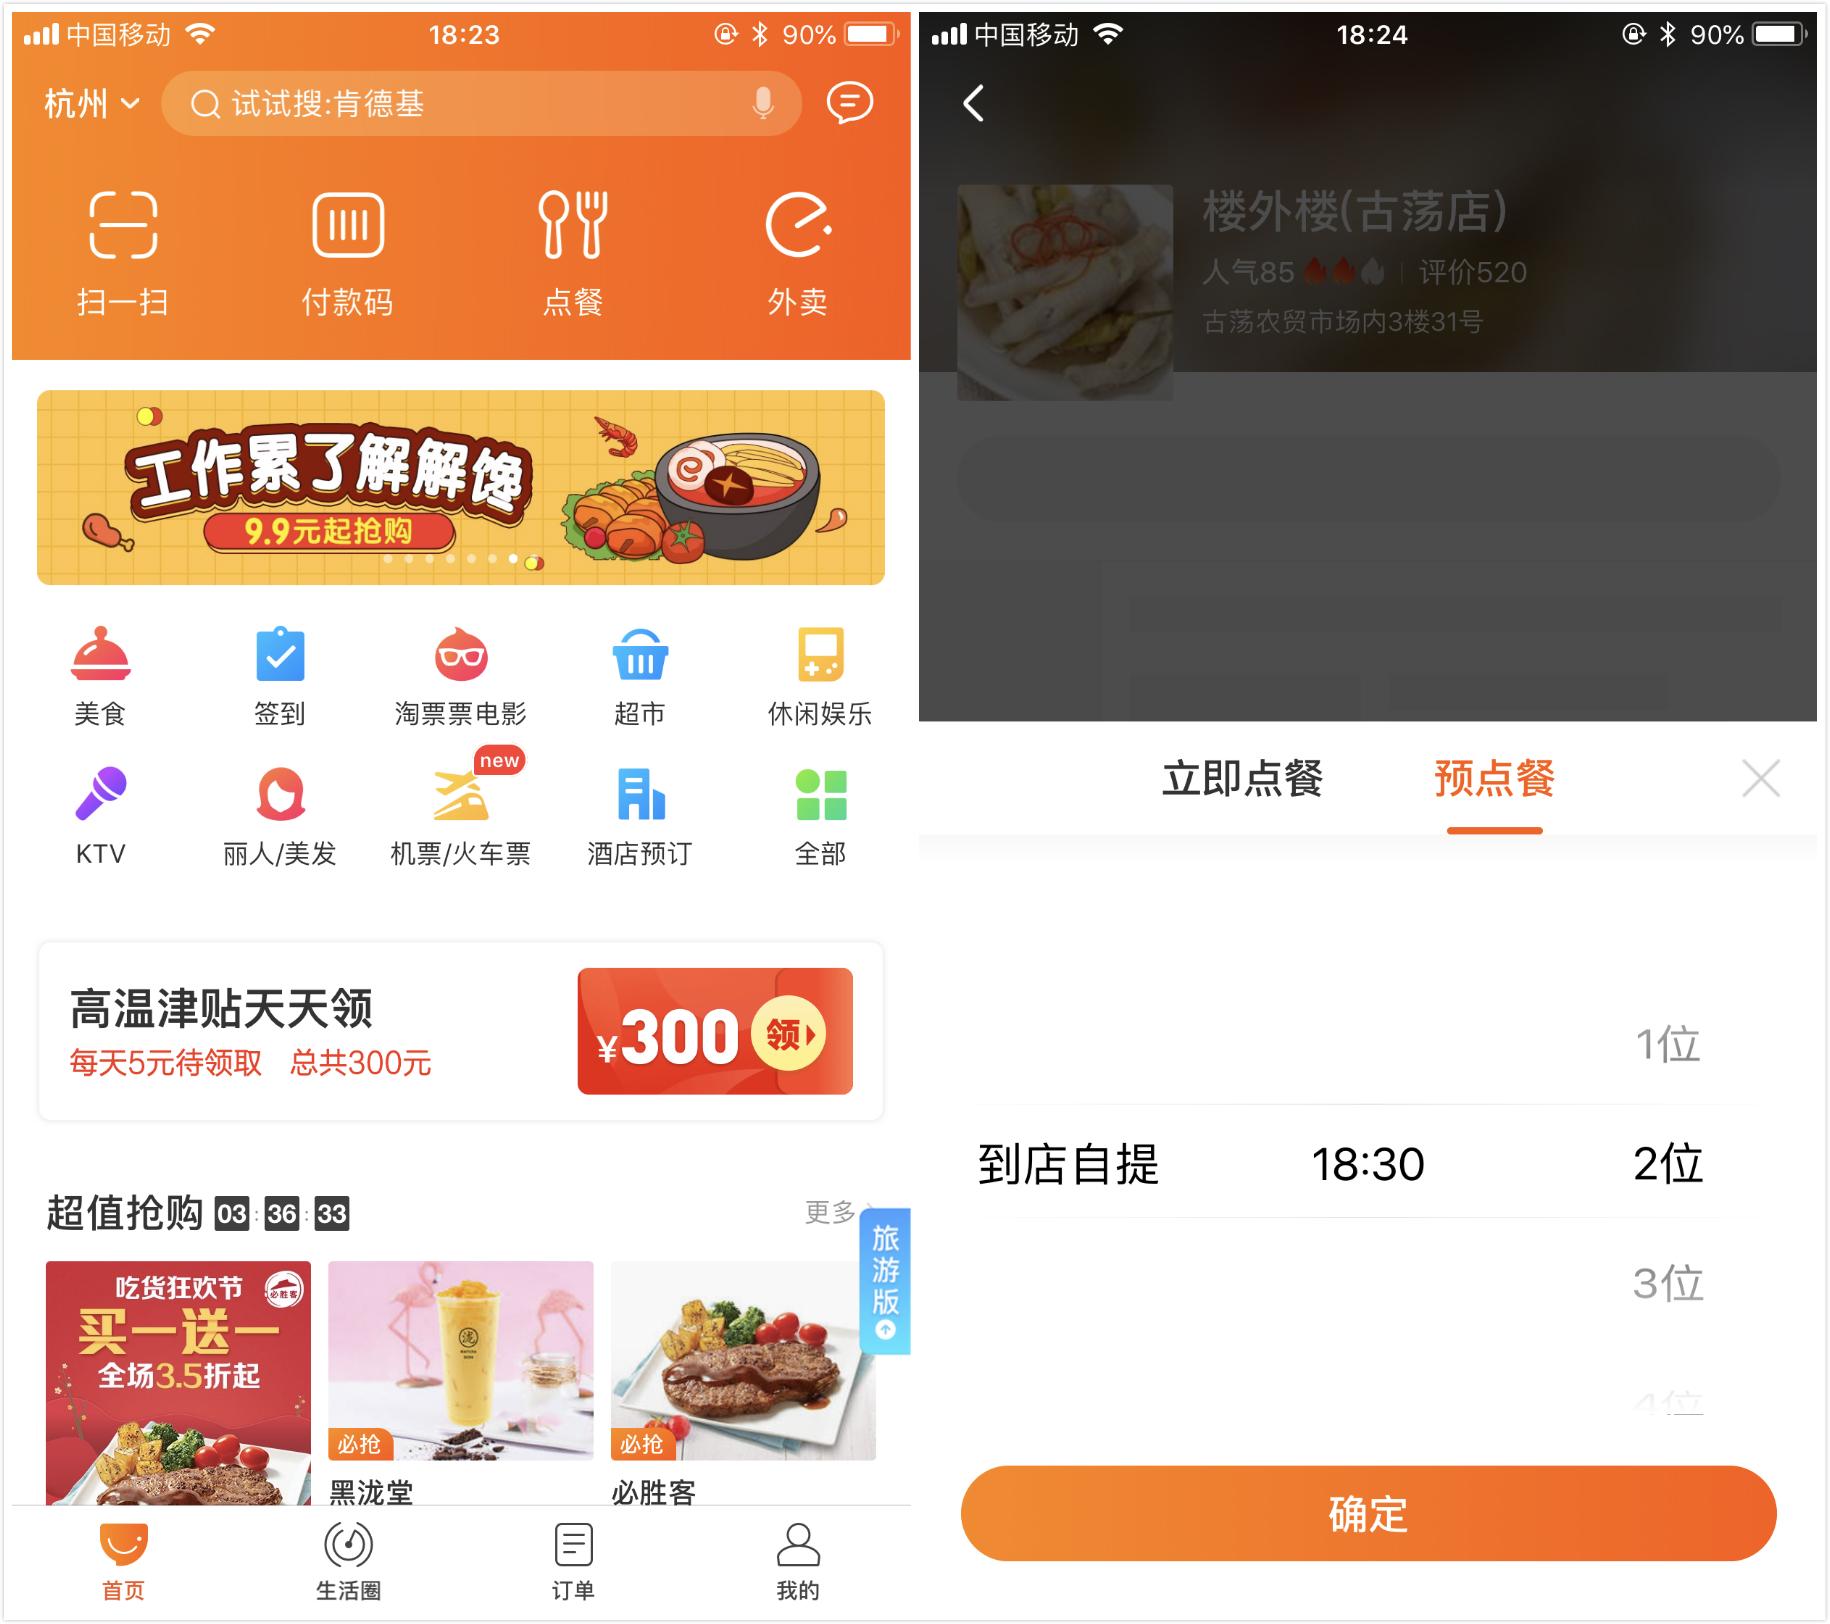 口碑发力新餐饮 App 首页上线点餐入口